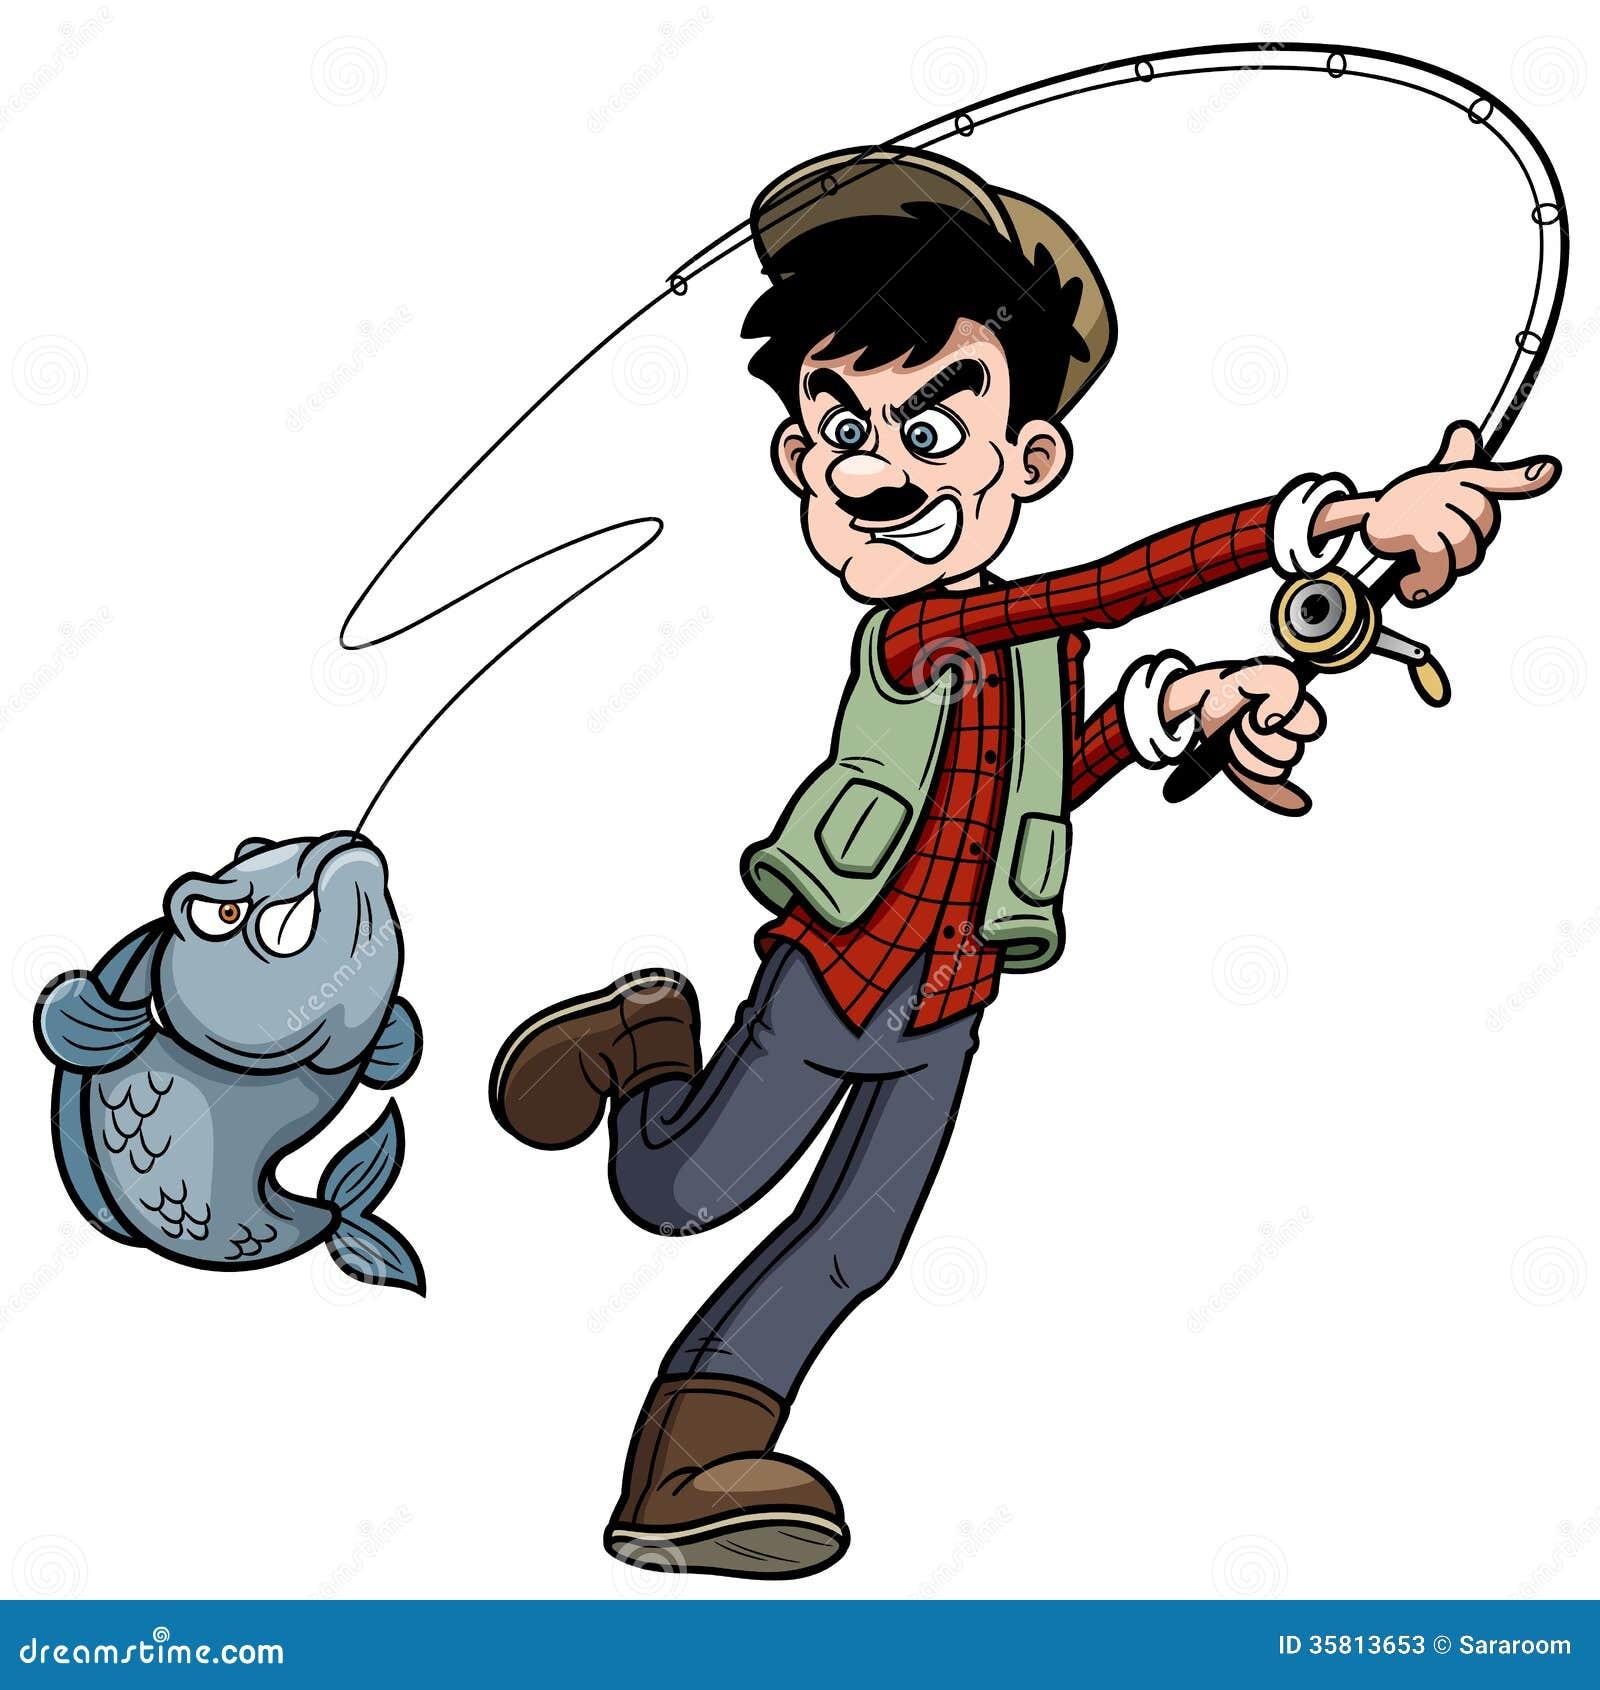 Cartoon Man Fishing Stock Photos - Image: 35813653